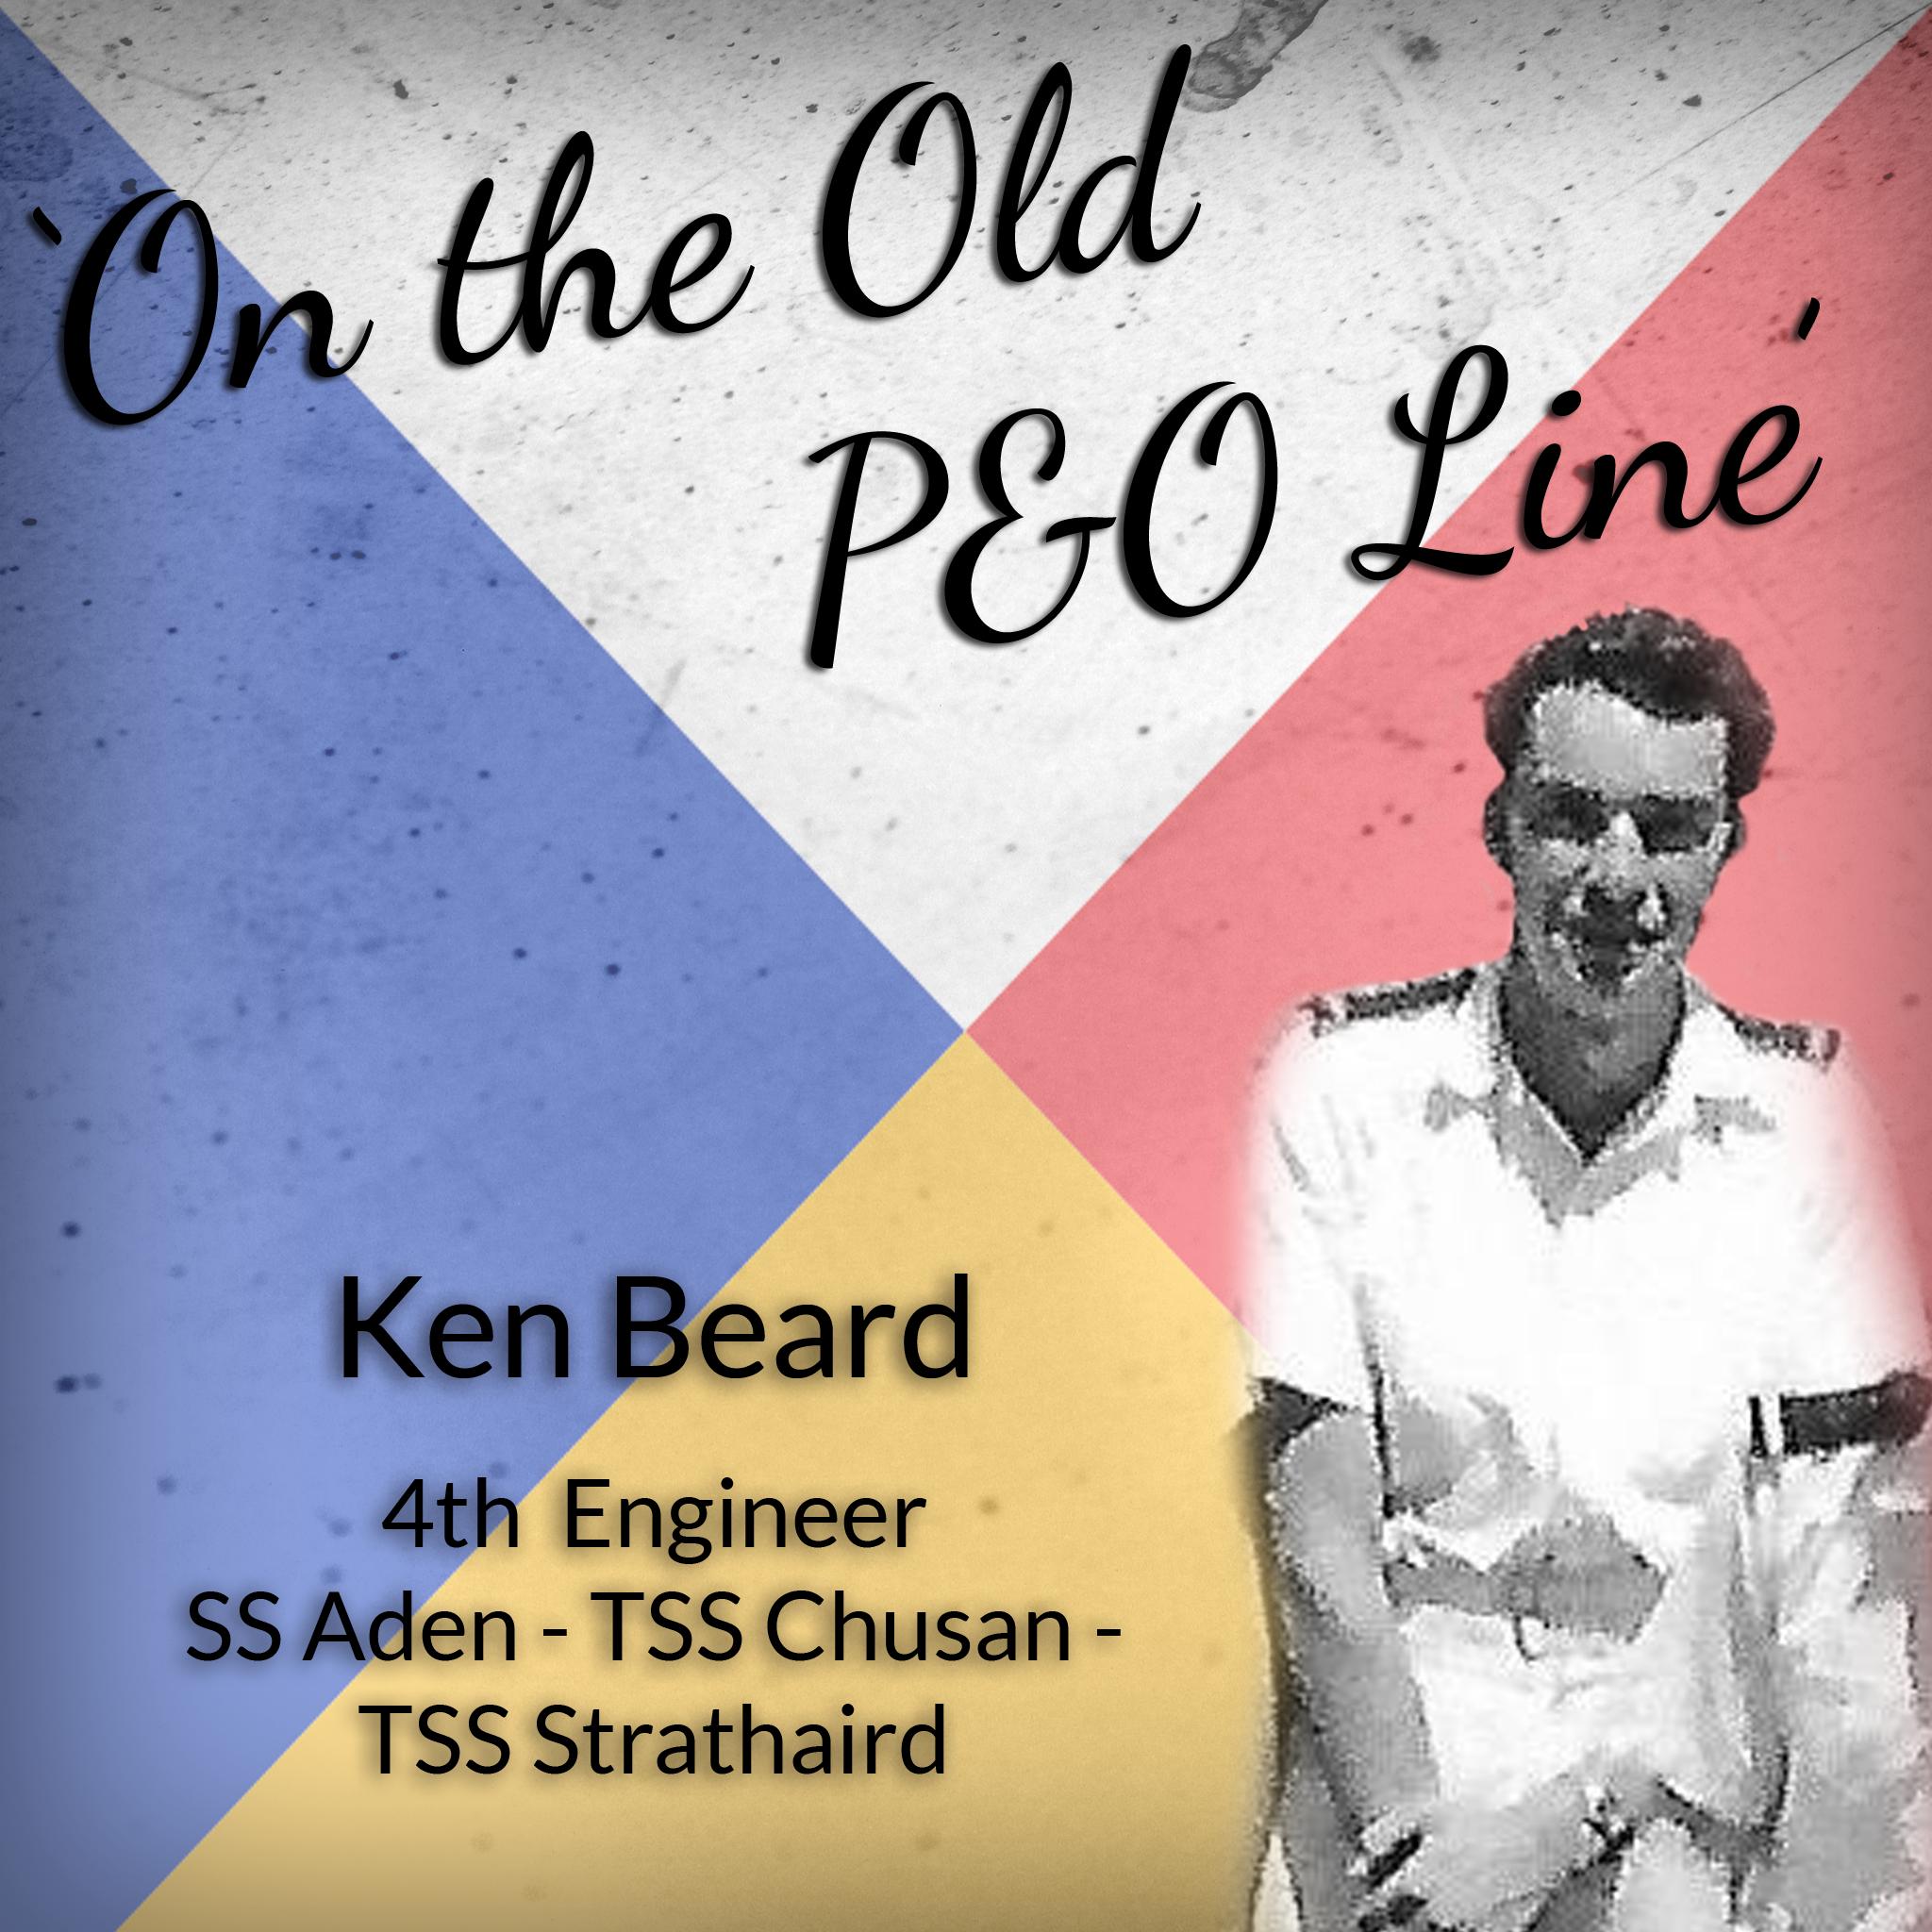 Ken Beard IG.png